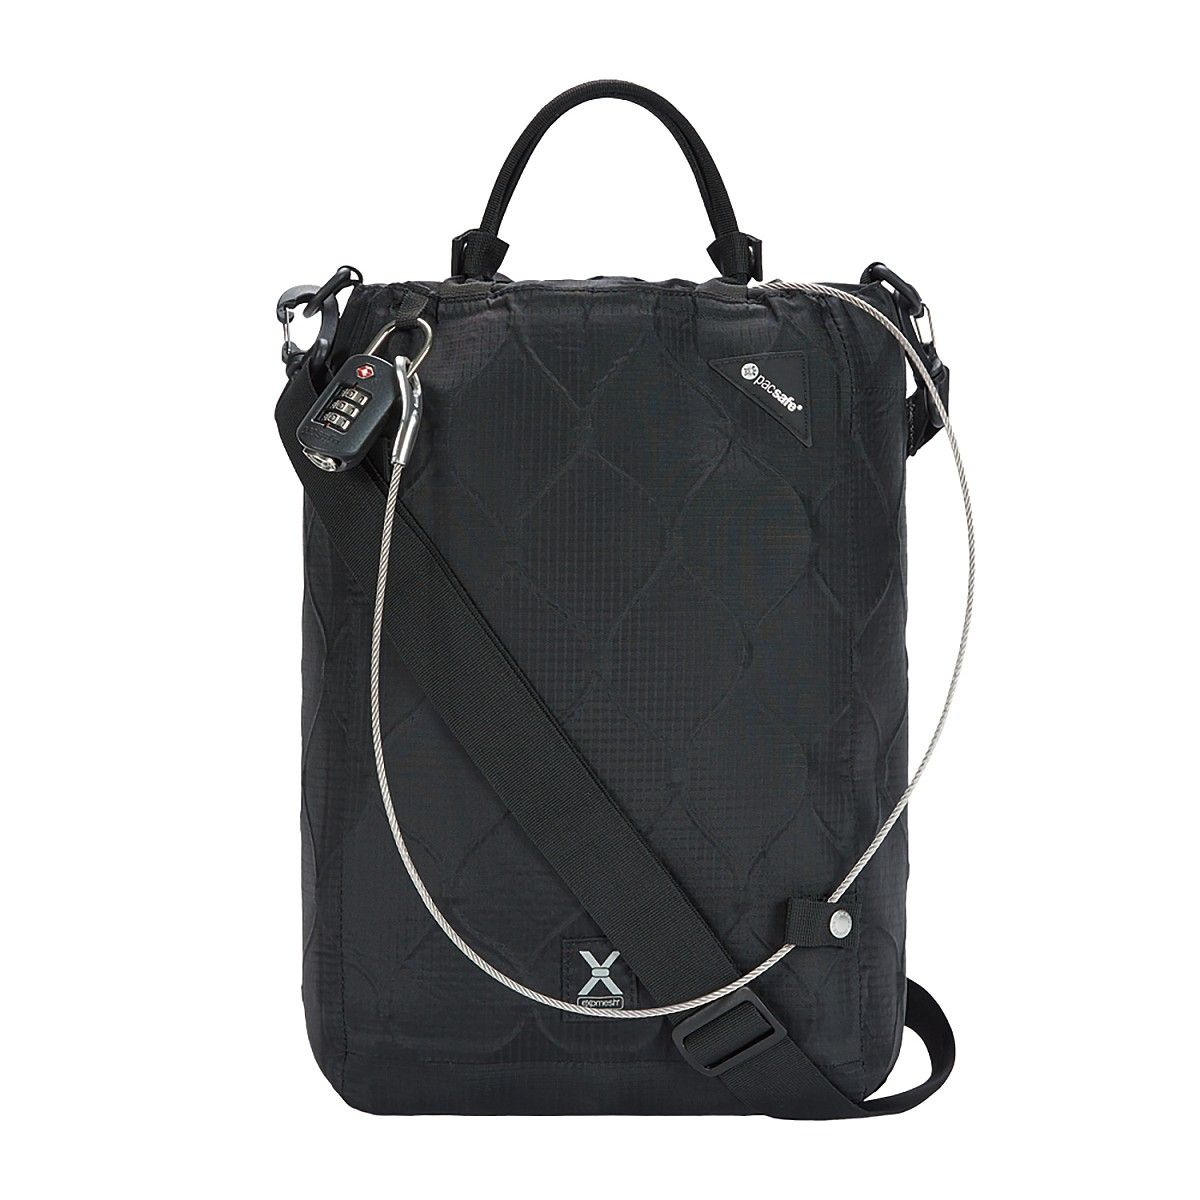 Vw Campervan Accessories >> Pacsafe Travelsafe X15 Travel Safe Bag